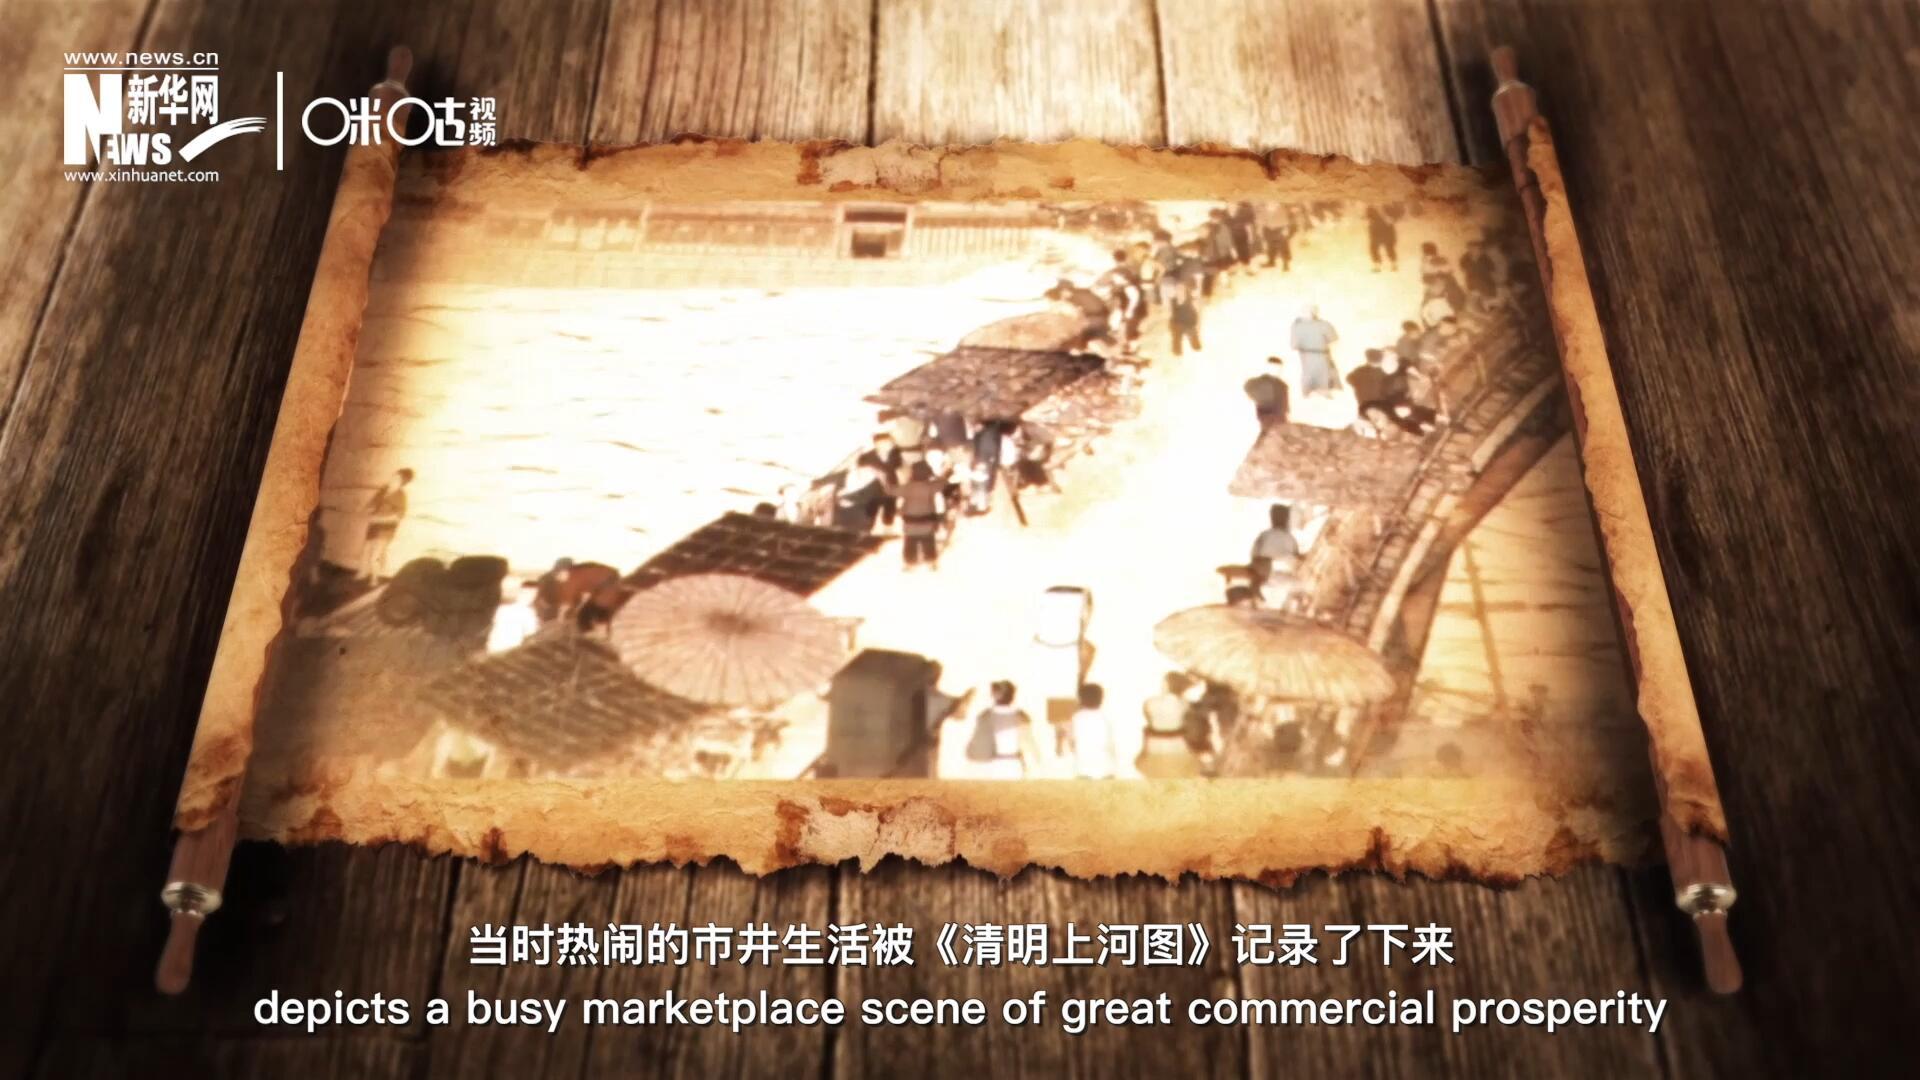 在《清明上河图》的左端,赵太丞家的药铺桌面上就出现了一副算盘